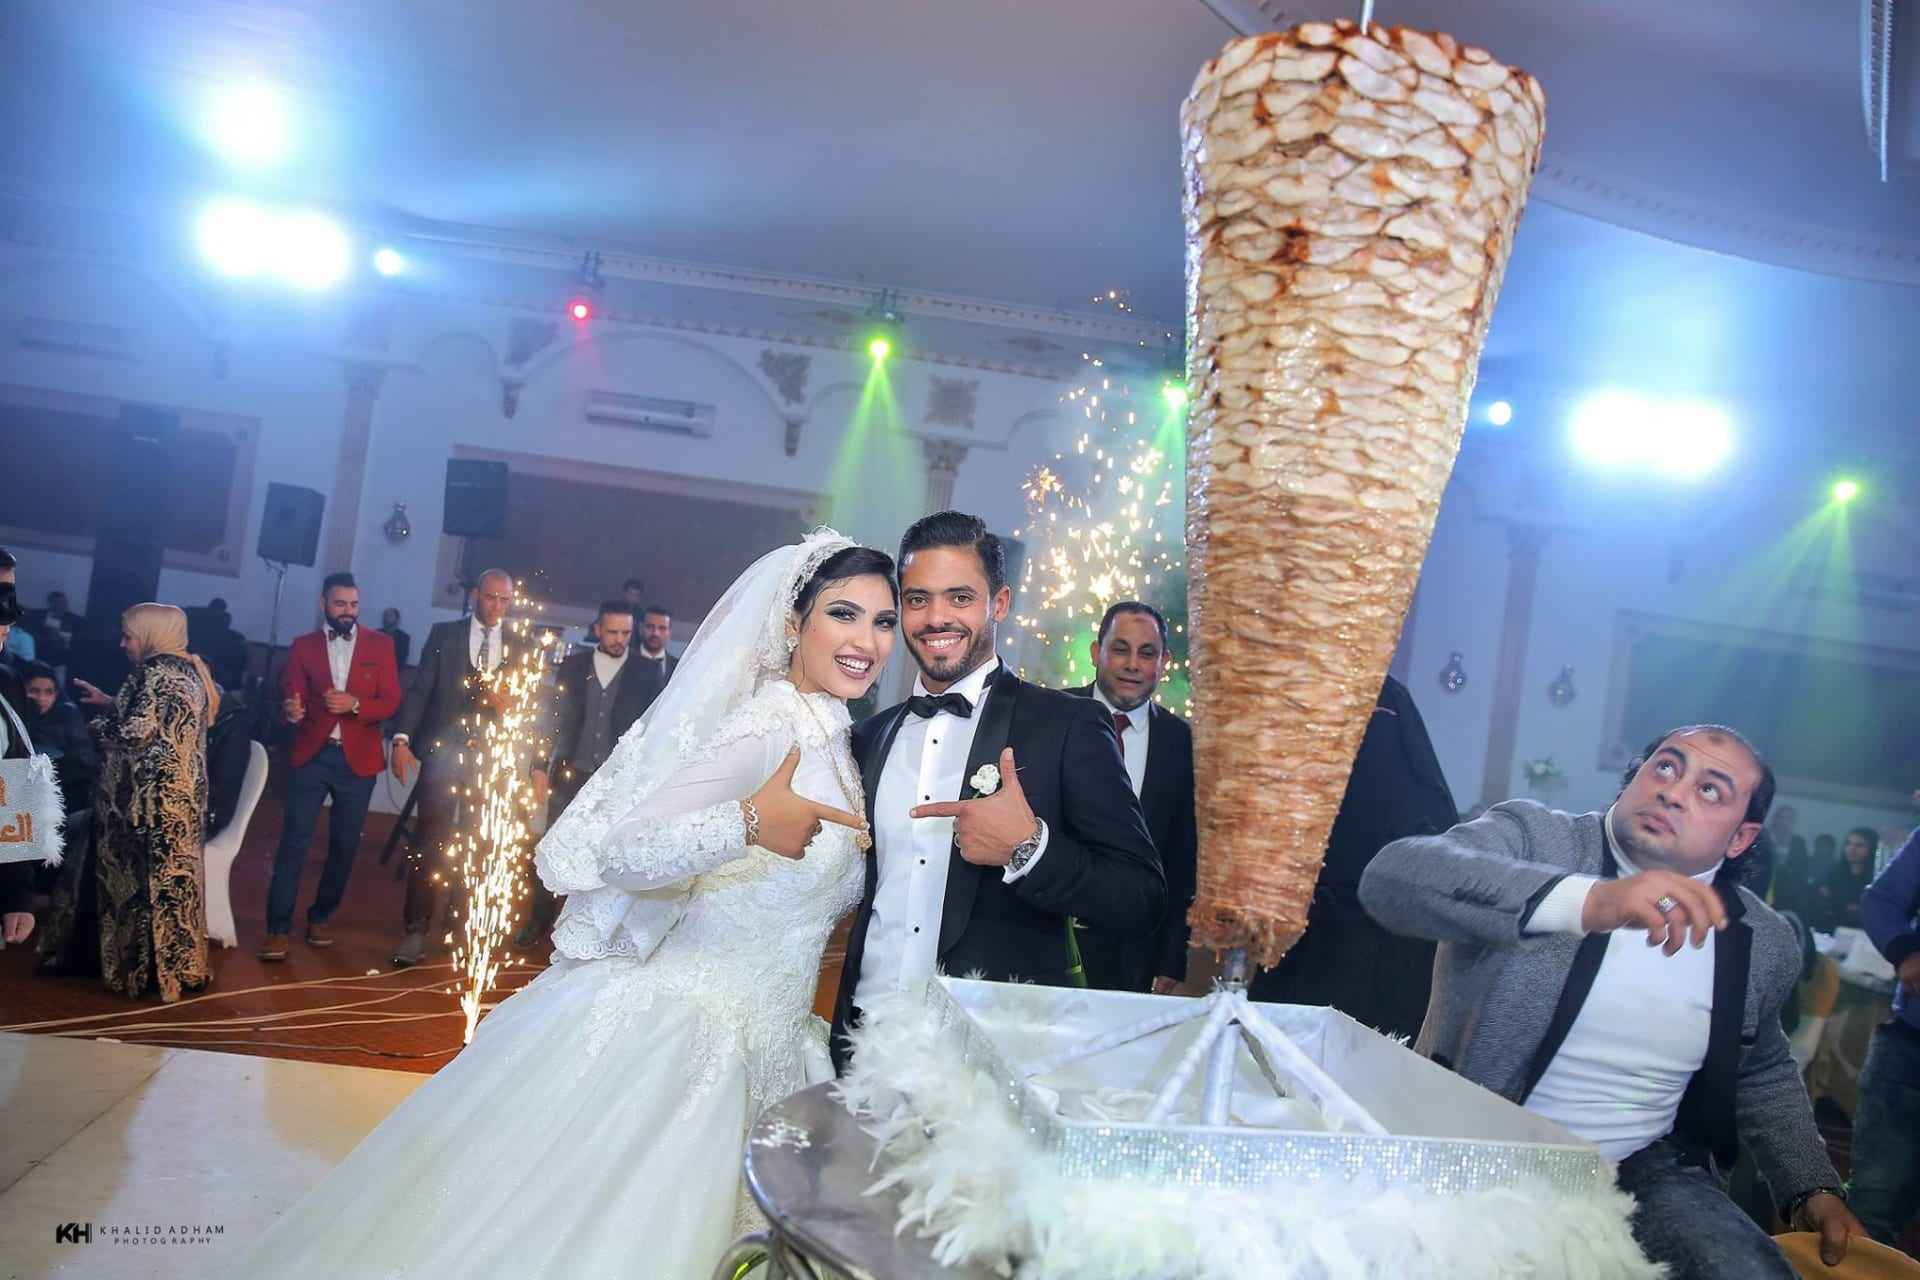 عريس الشاورما: حماي فاجأني بسيخ الشاورما بزفافي وبعلم زوجتي